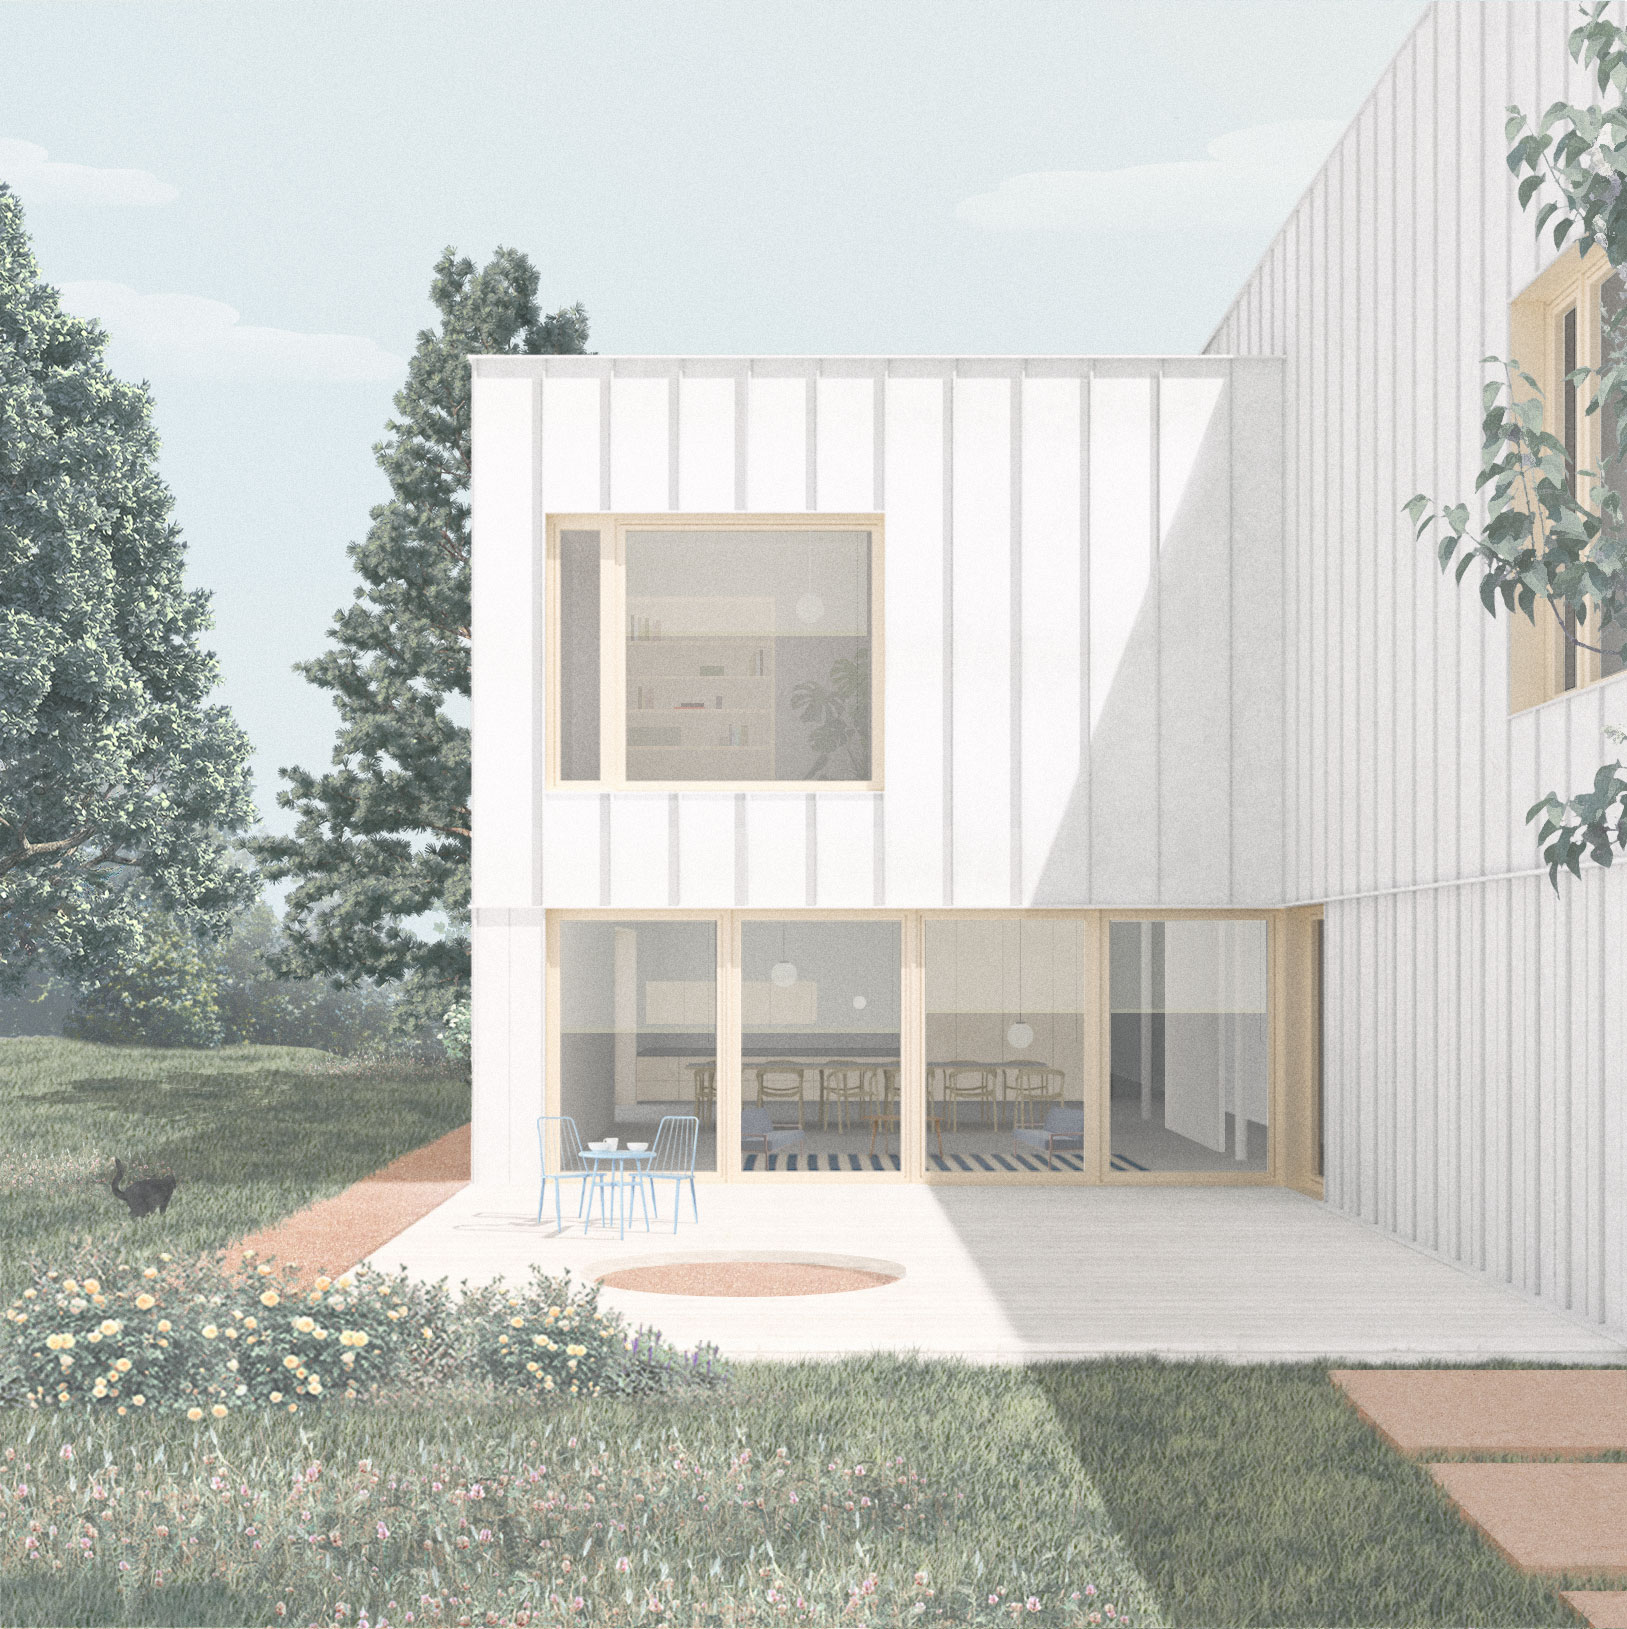 ENE _ back facade